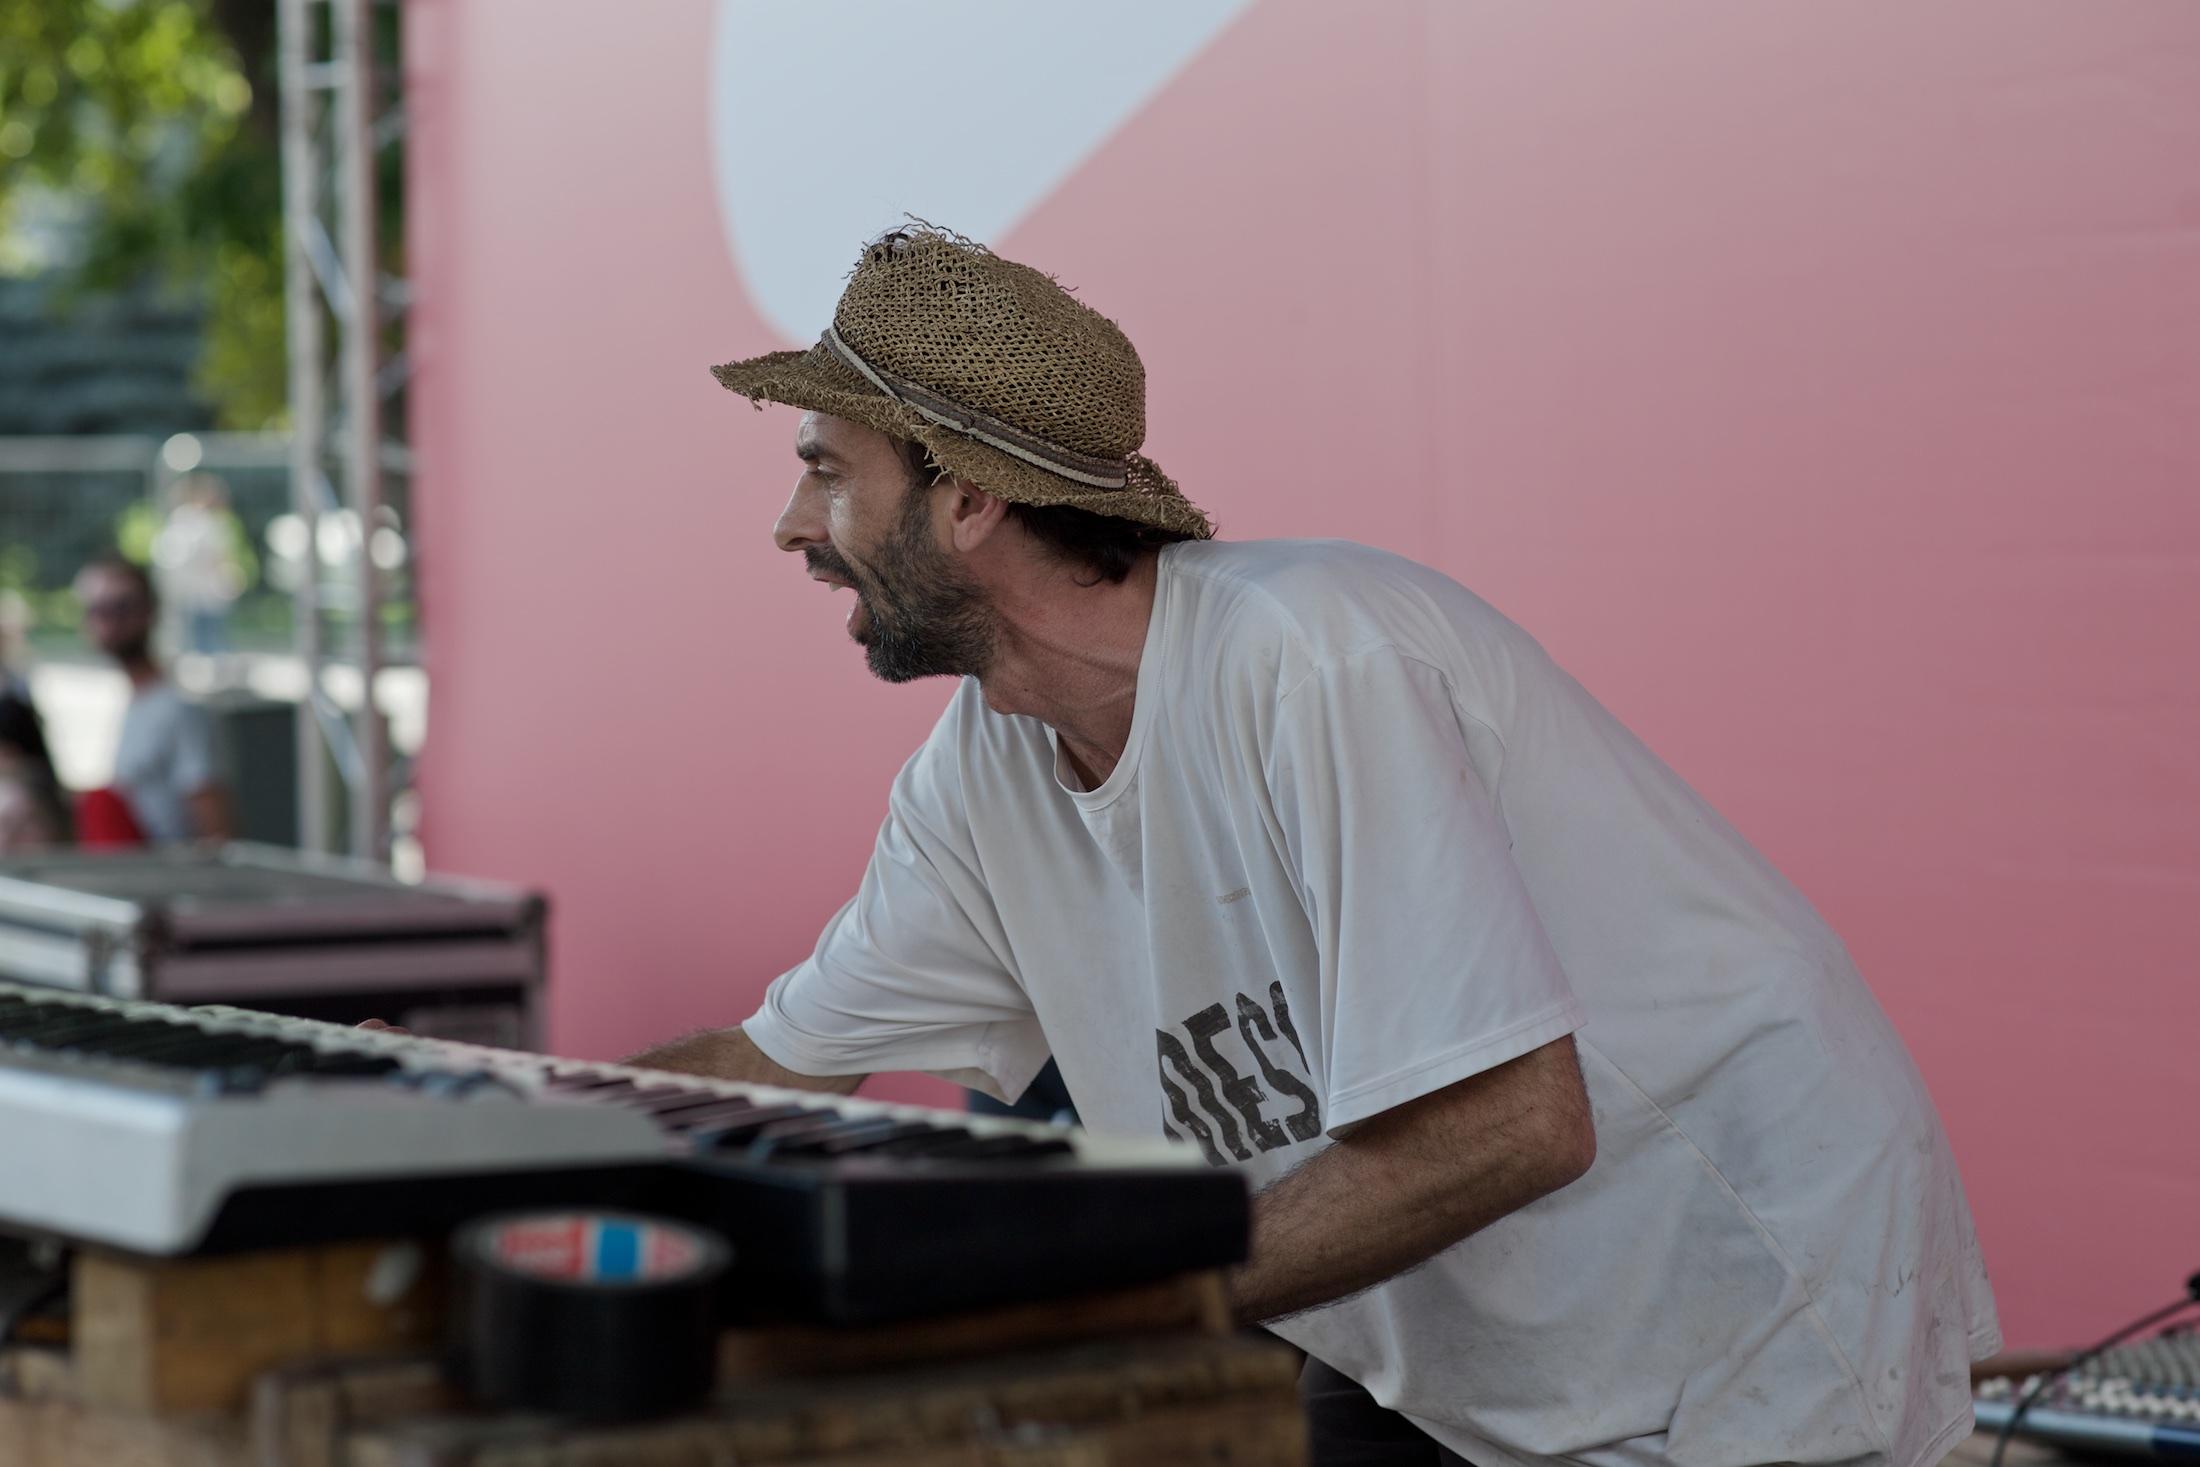 Cоздатель, немецкий скульптор Kolya Kugler, тоже на сцене, выполняет функции звукорежиссёра